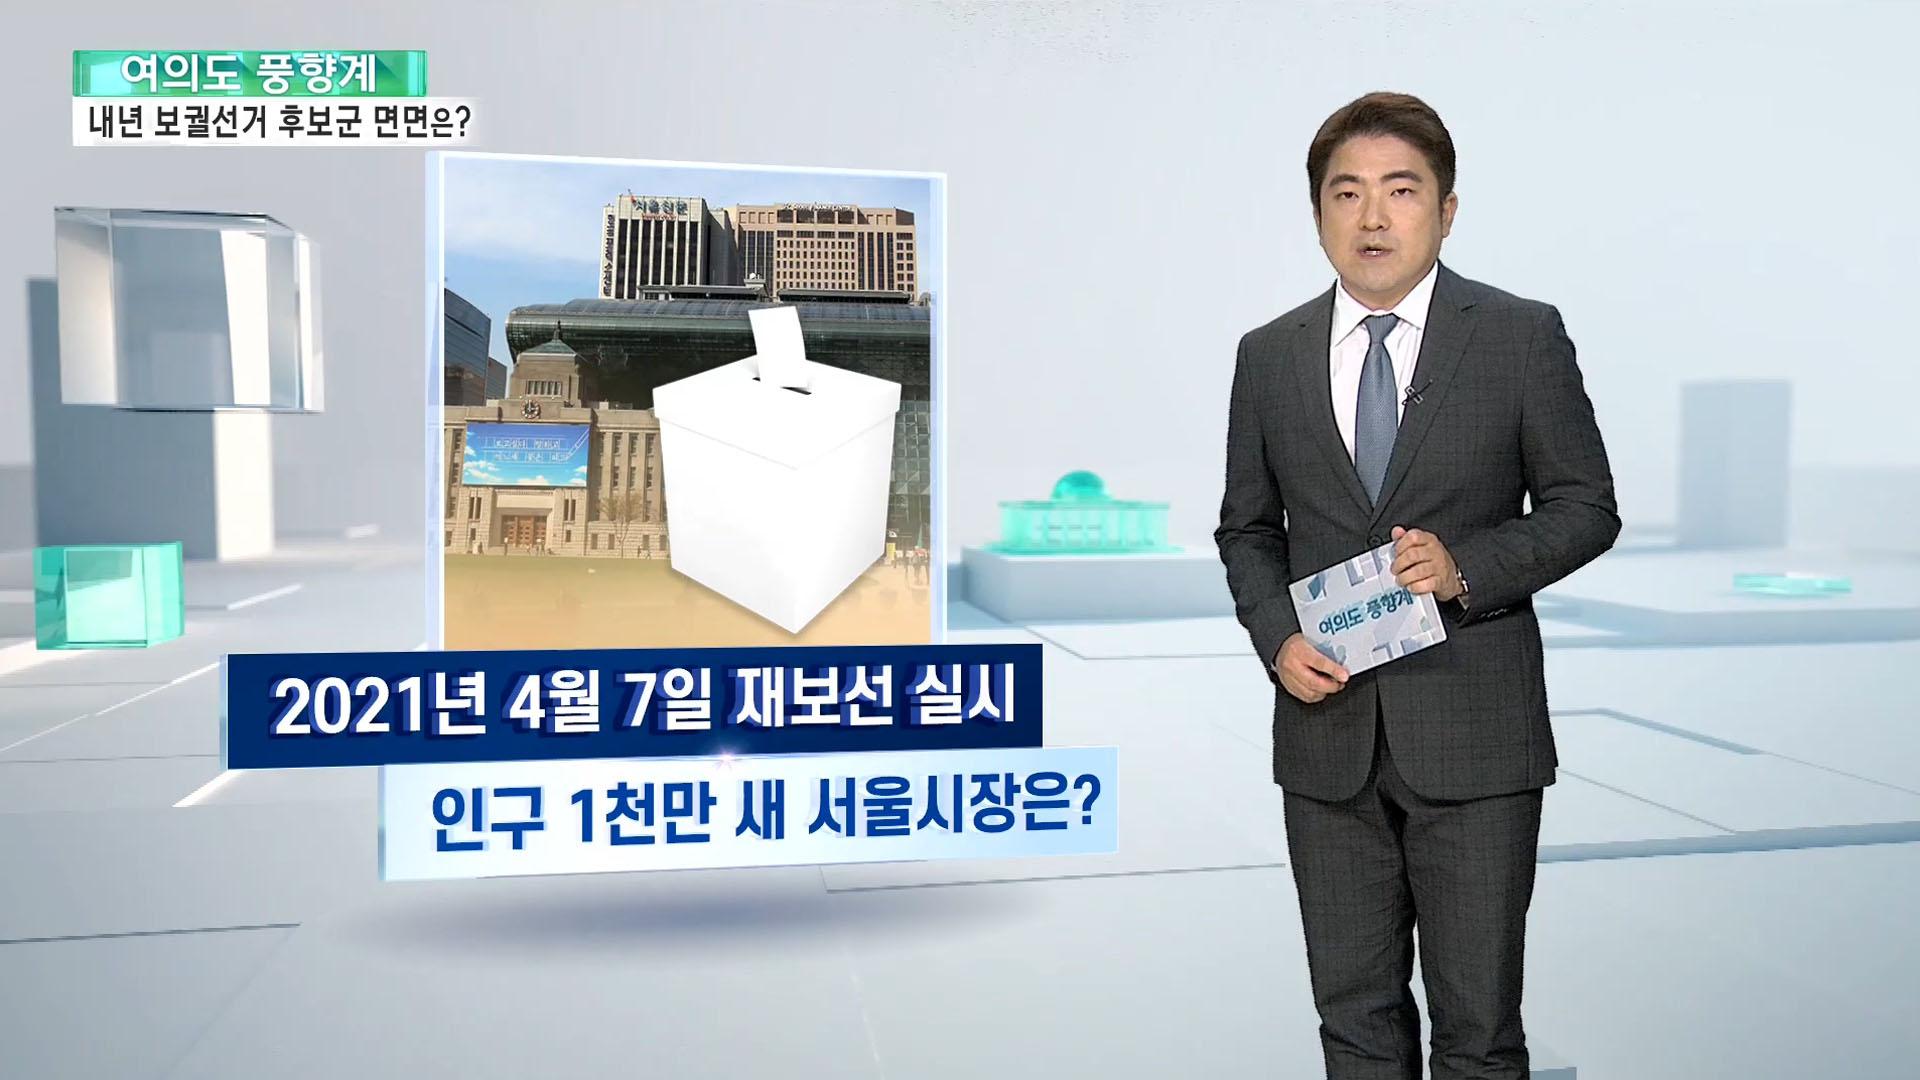 [여의도풍향계] '대선 가늠자' 보궐선거 6개월 앞으로…누가 뛰나